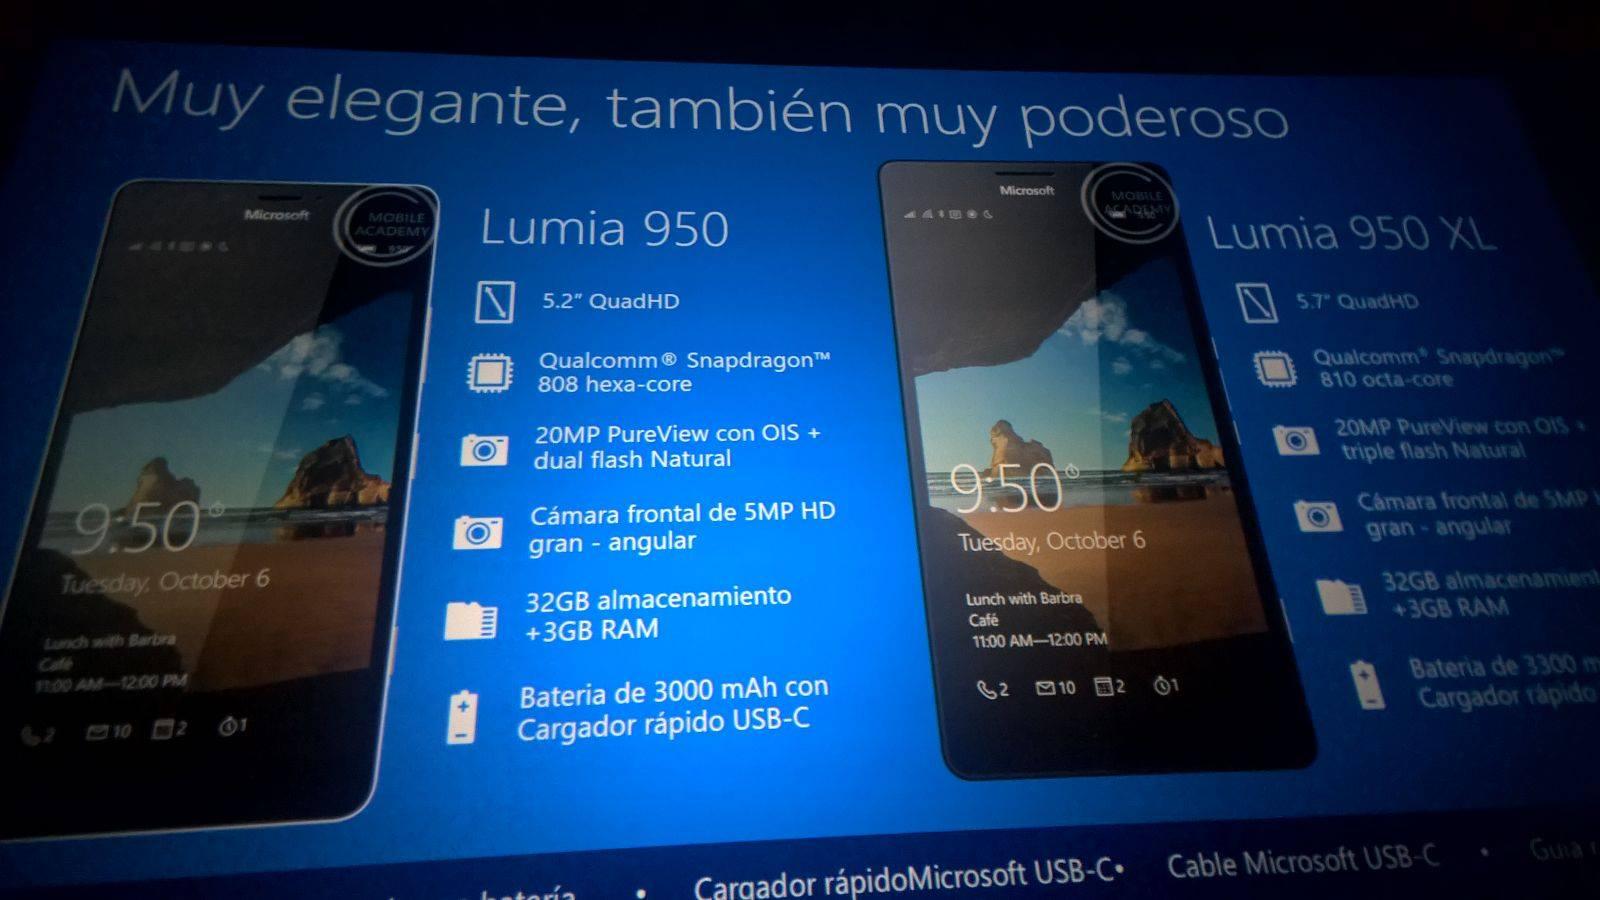 Lumia 950 - 5